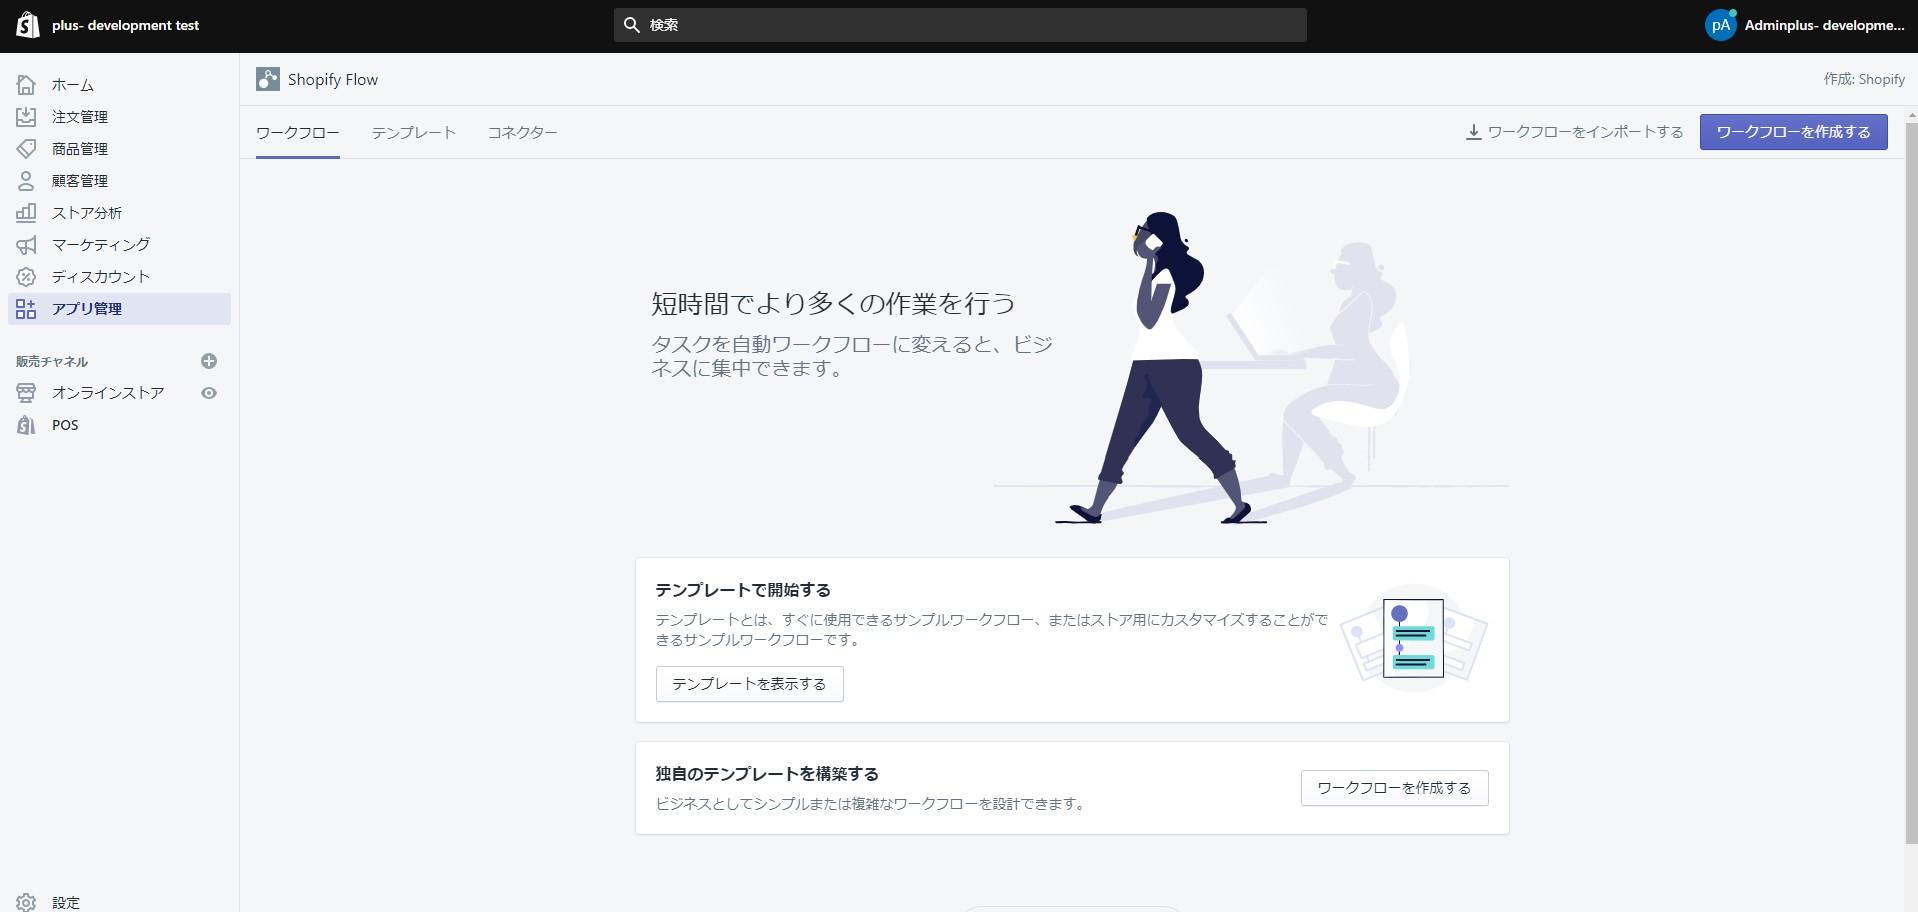 Shopify Flow3